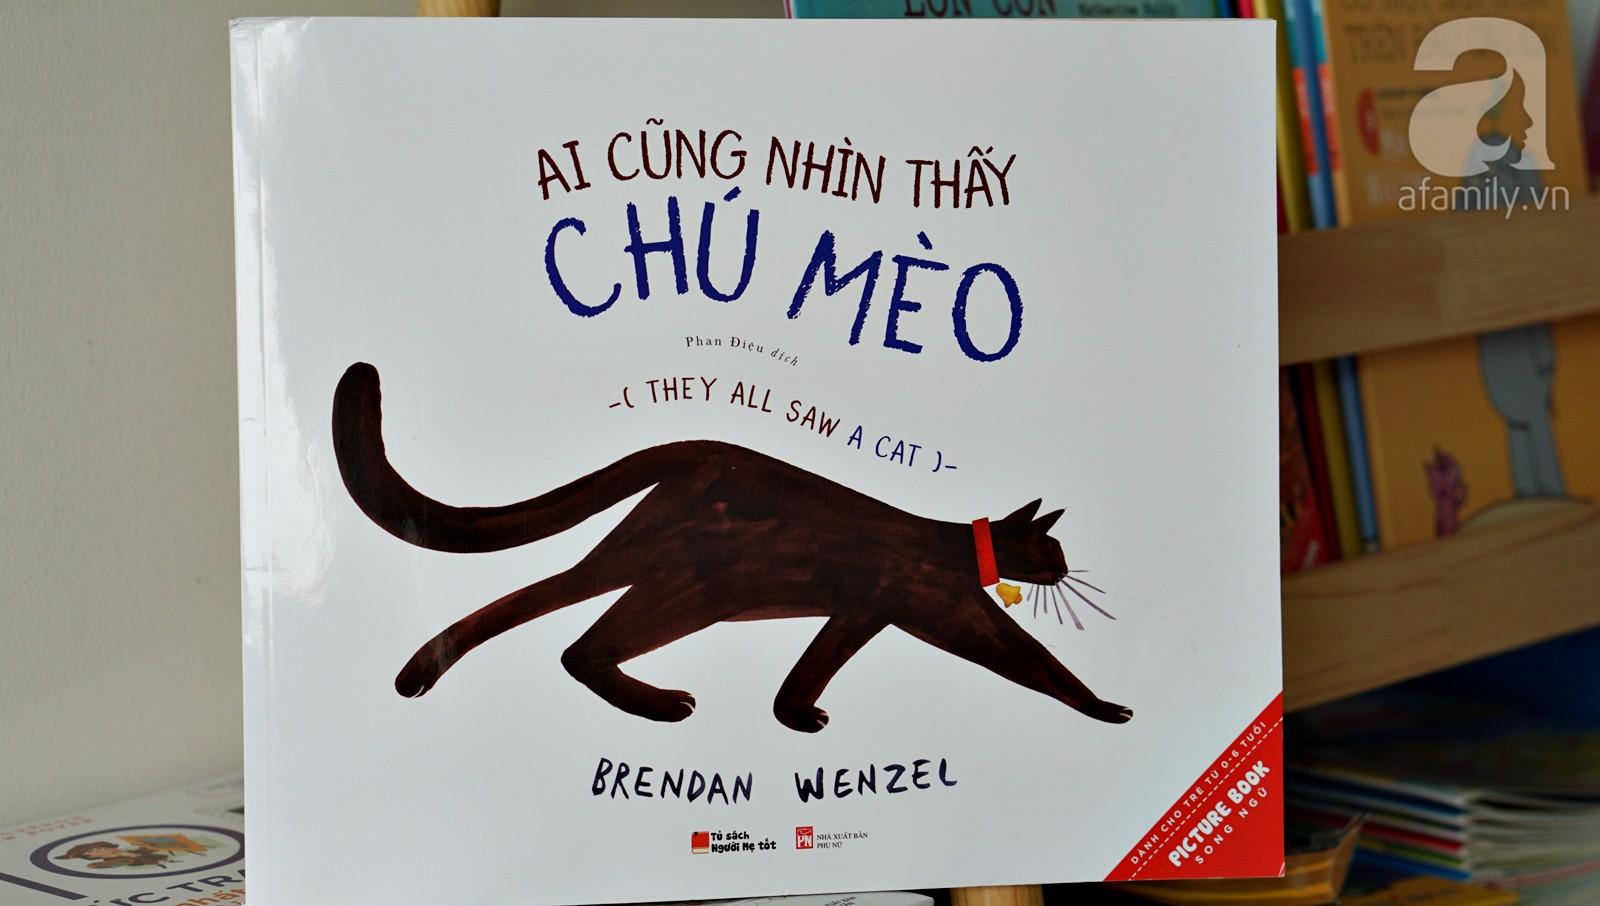 Muốn con học siêu tiếng Anh từ nhỏ, bố mẹ không thể bỏ qua những cuốn sách song ngữ này! - Ảnh 11.